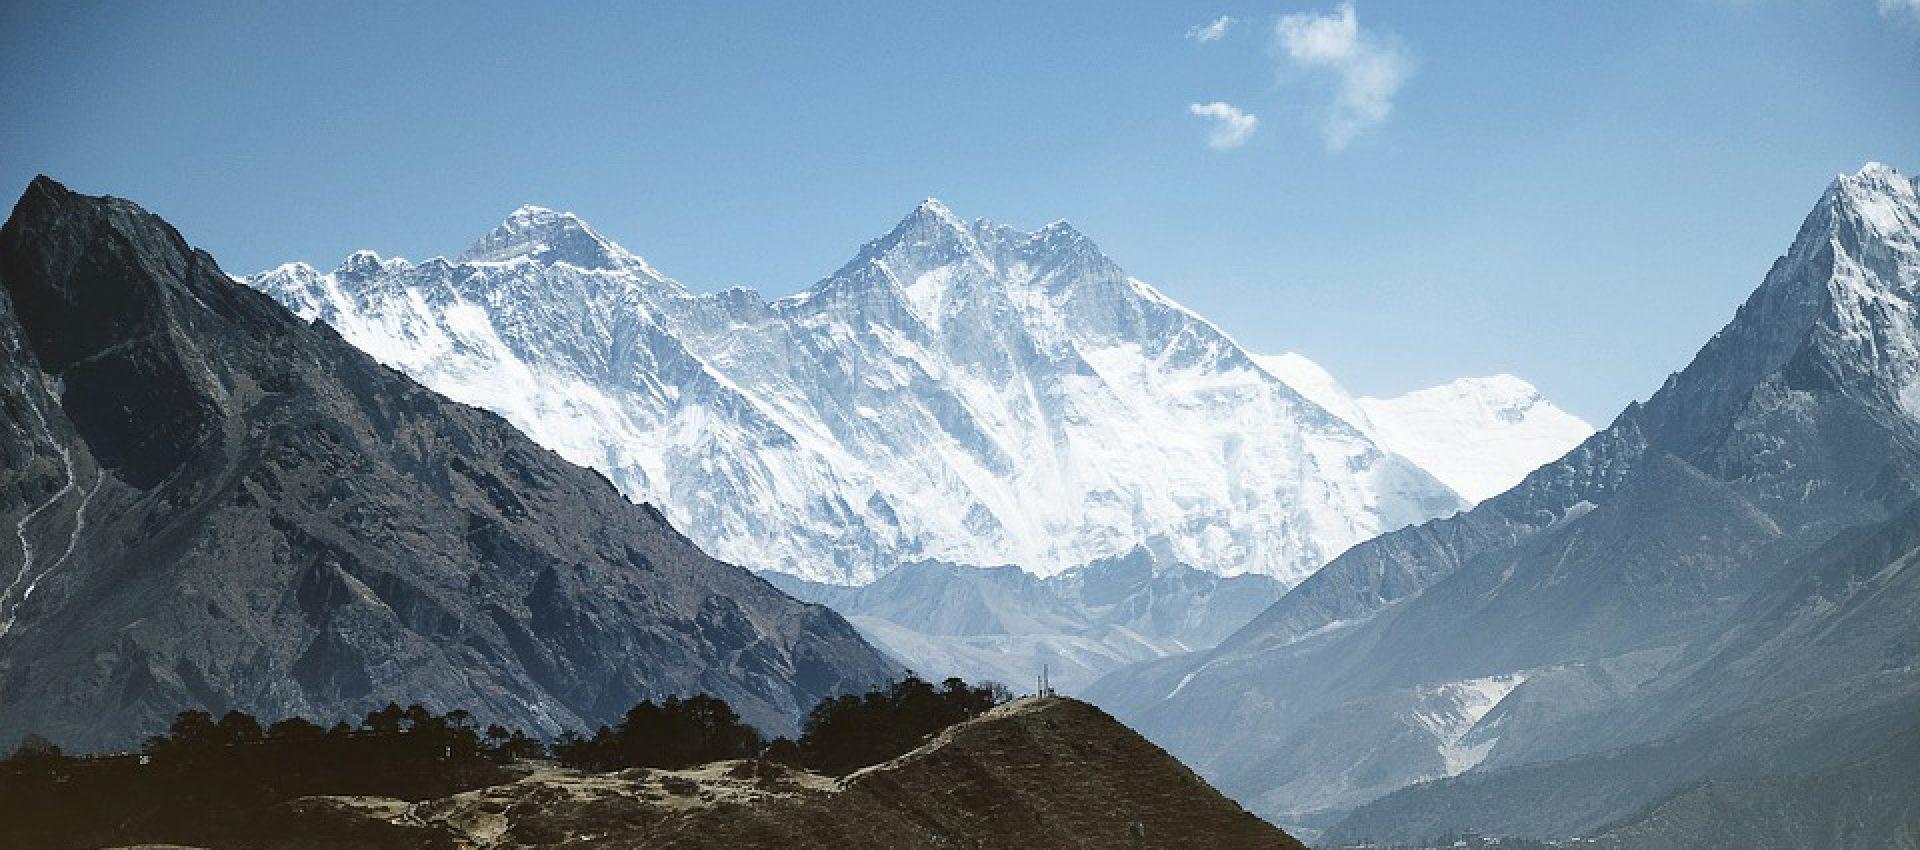 mountain-1246297_960_720